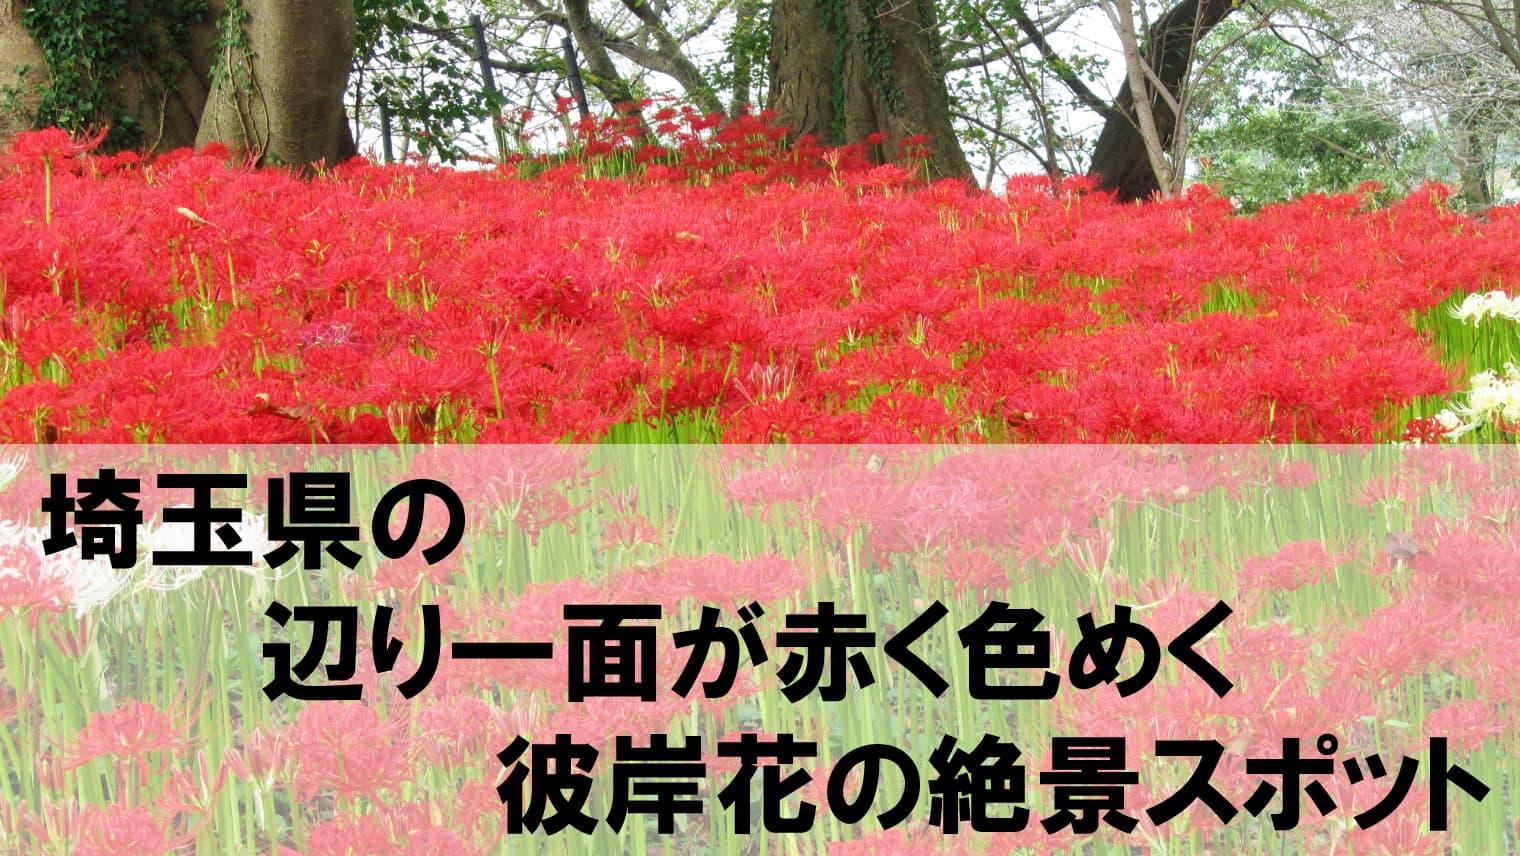 9月の絶景!埼玉で日本最大級の彼岸花の名所2か所を紹介!